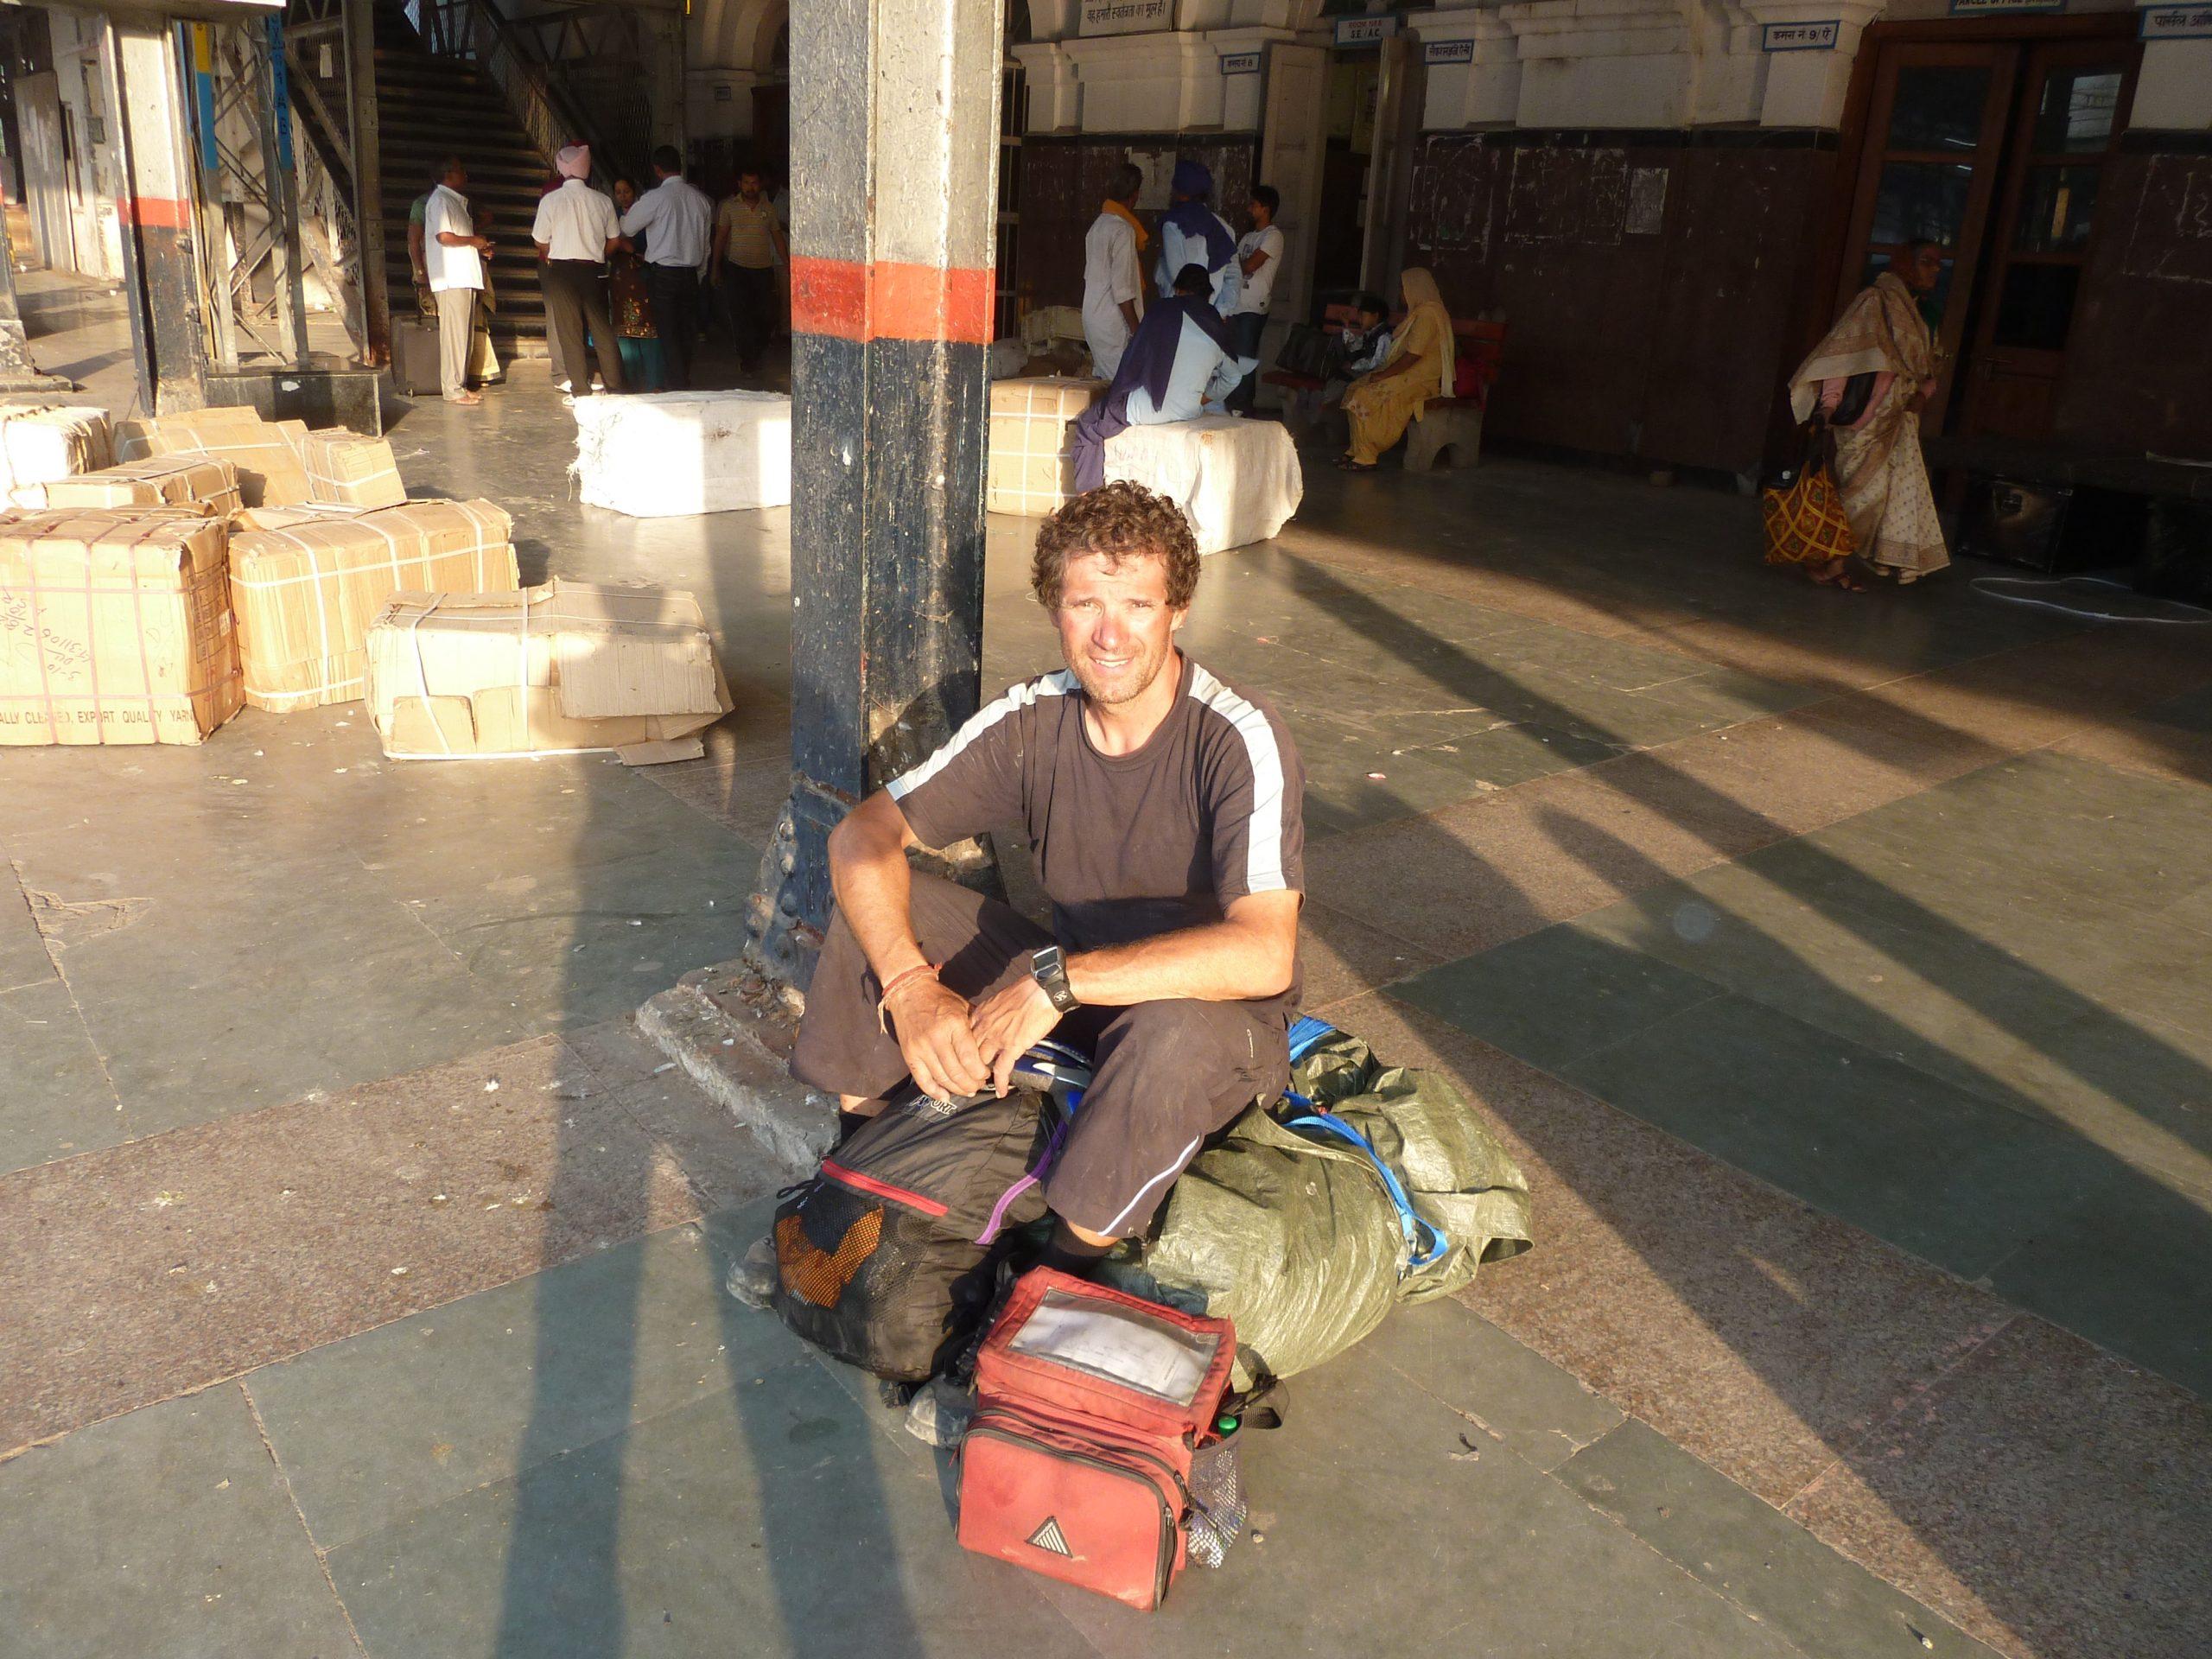 Radreise Ladakh 2012 - Bahnhof in Amritsar